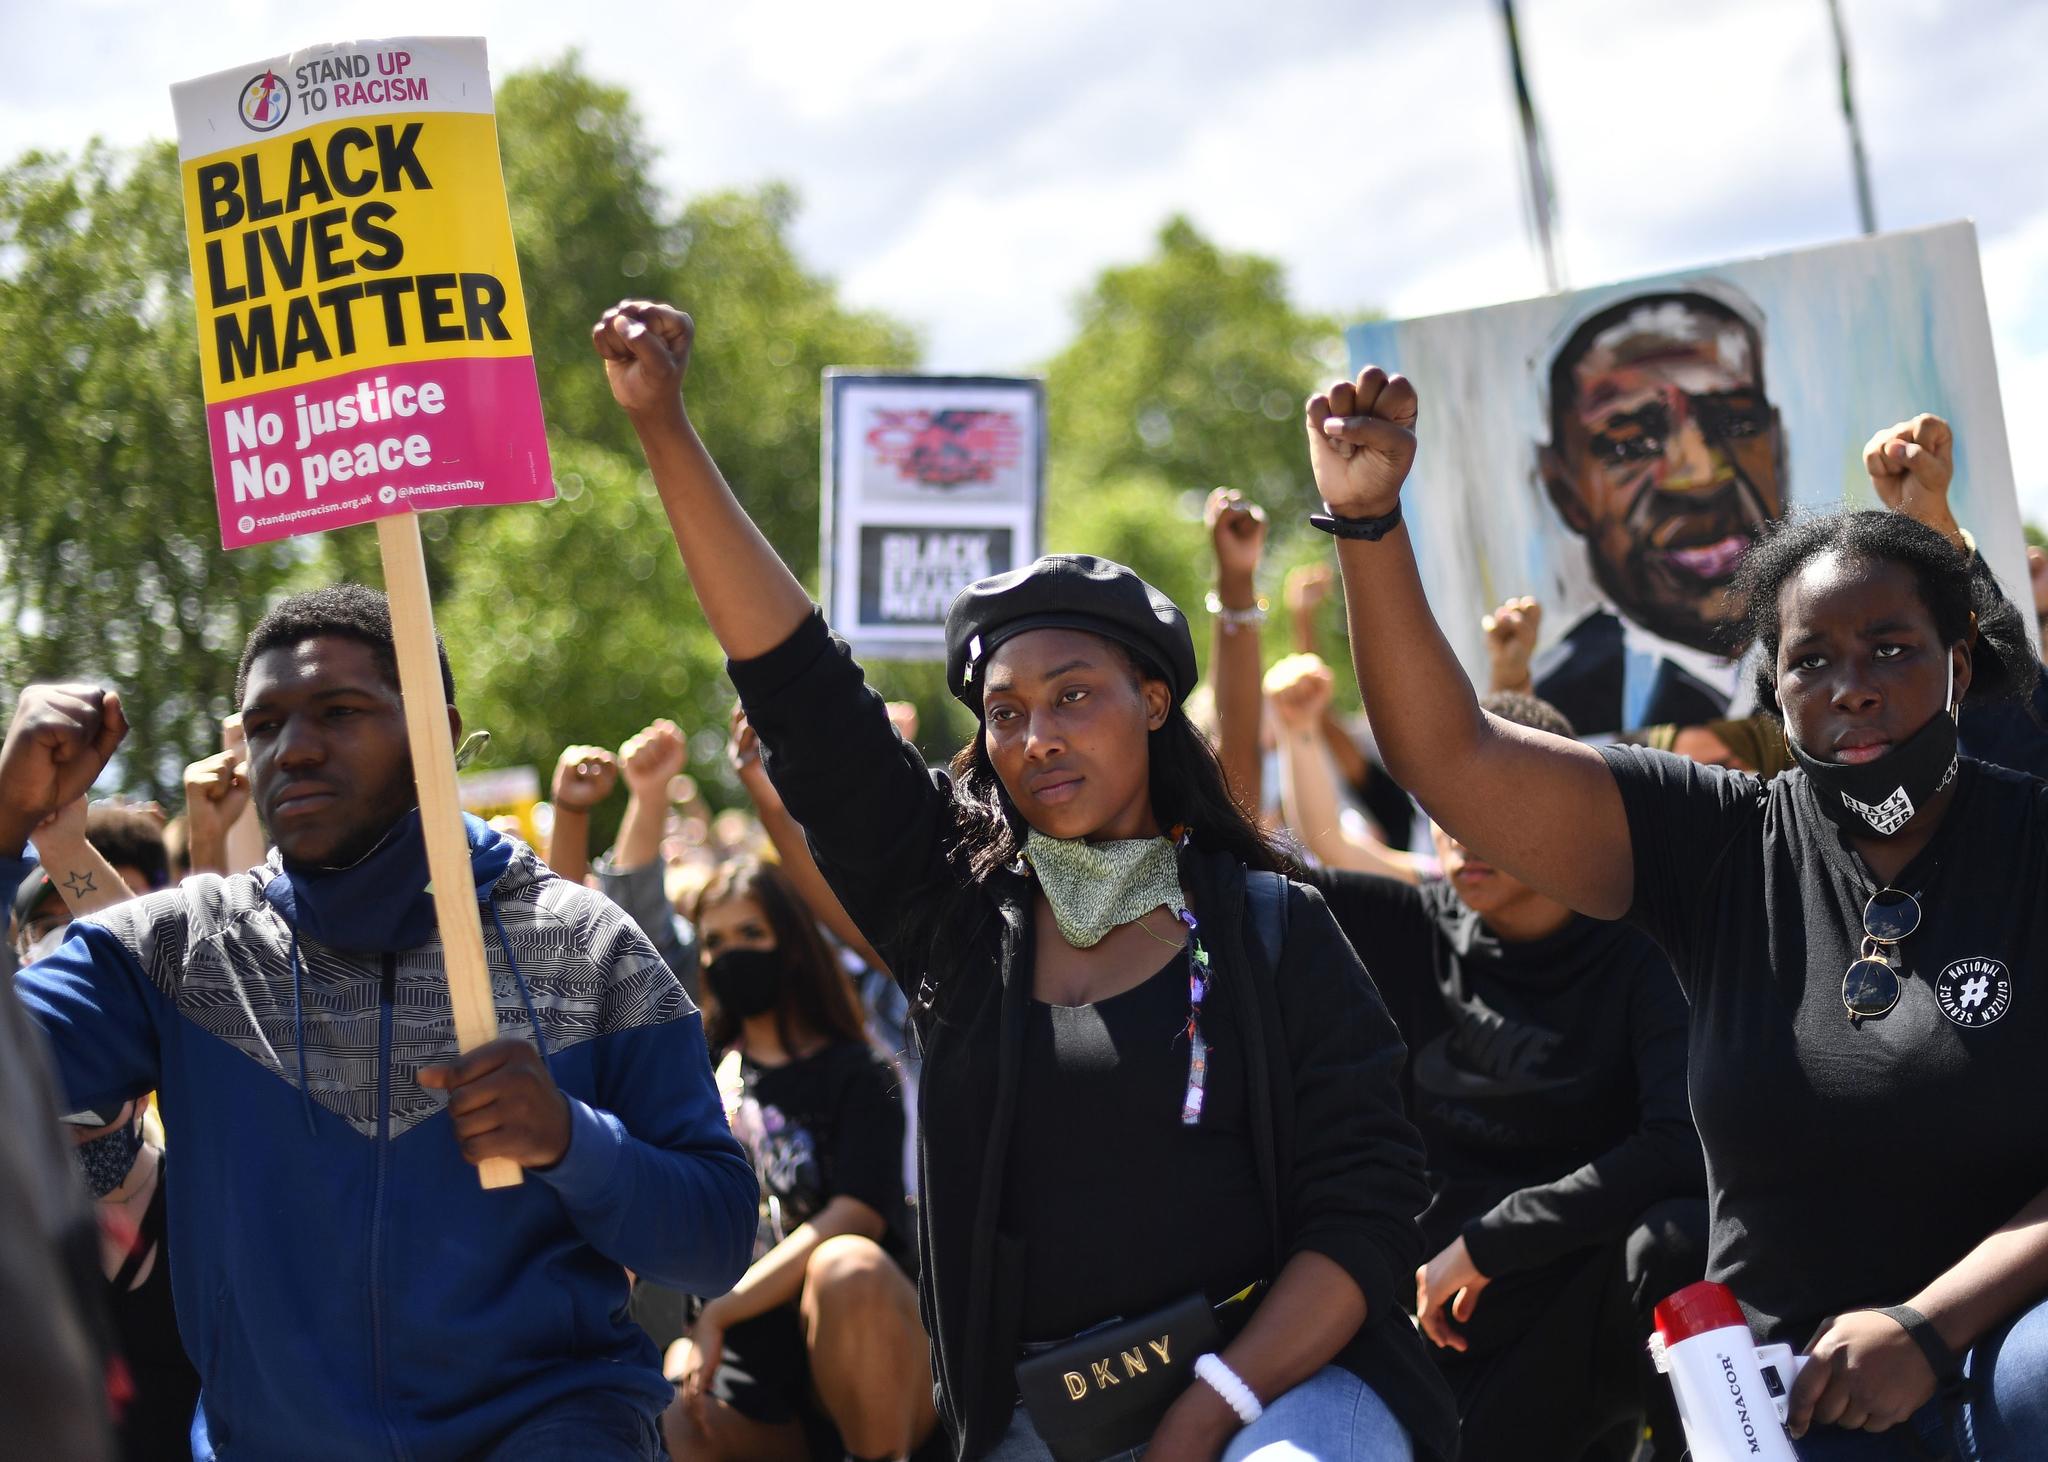 Sasha Johnson (centro) en una manifestación de BLM en Londres.